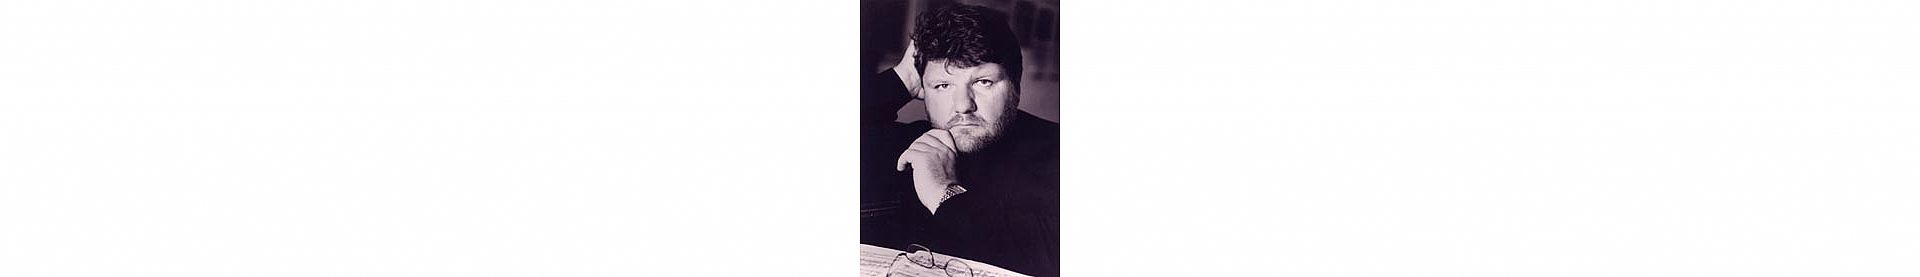 DmitryYablonsky